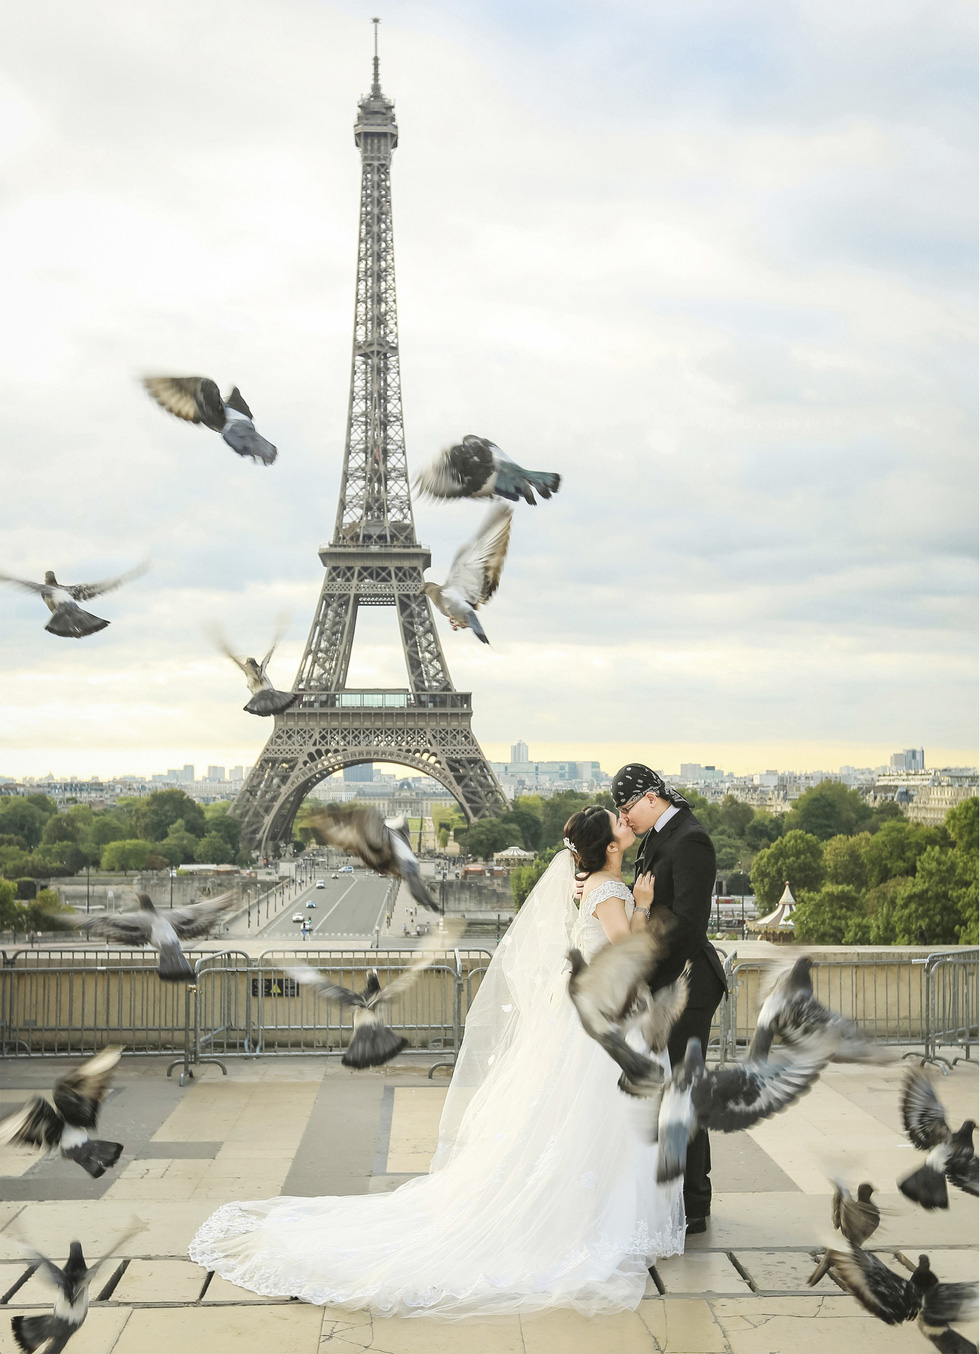 Du lịch qua những bức ảnh cưới đẹp như mơ - Ảnh 5.